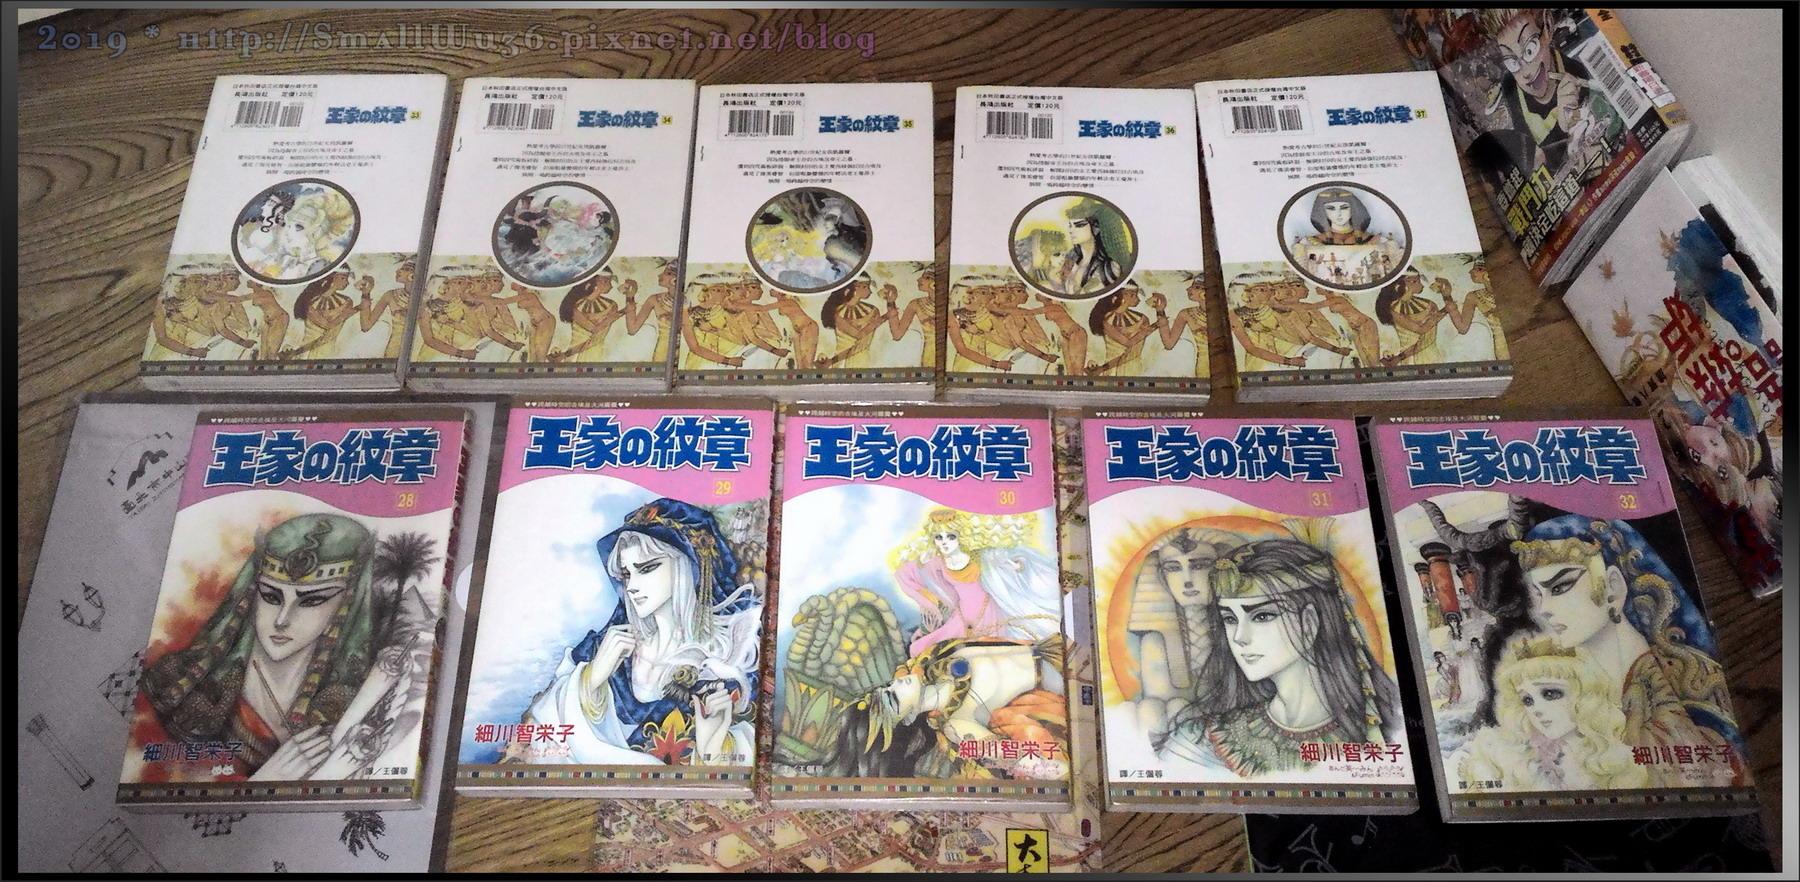 細川智榮子-王家的紋章(尼羅河女兒)  (長鴻)  vol_ 28-37.jpg